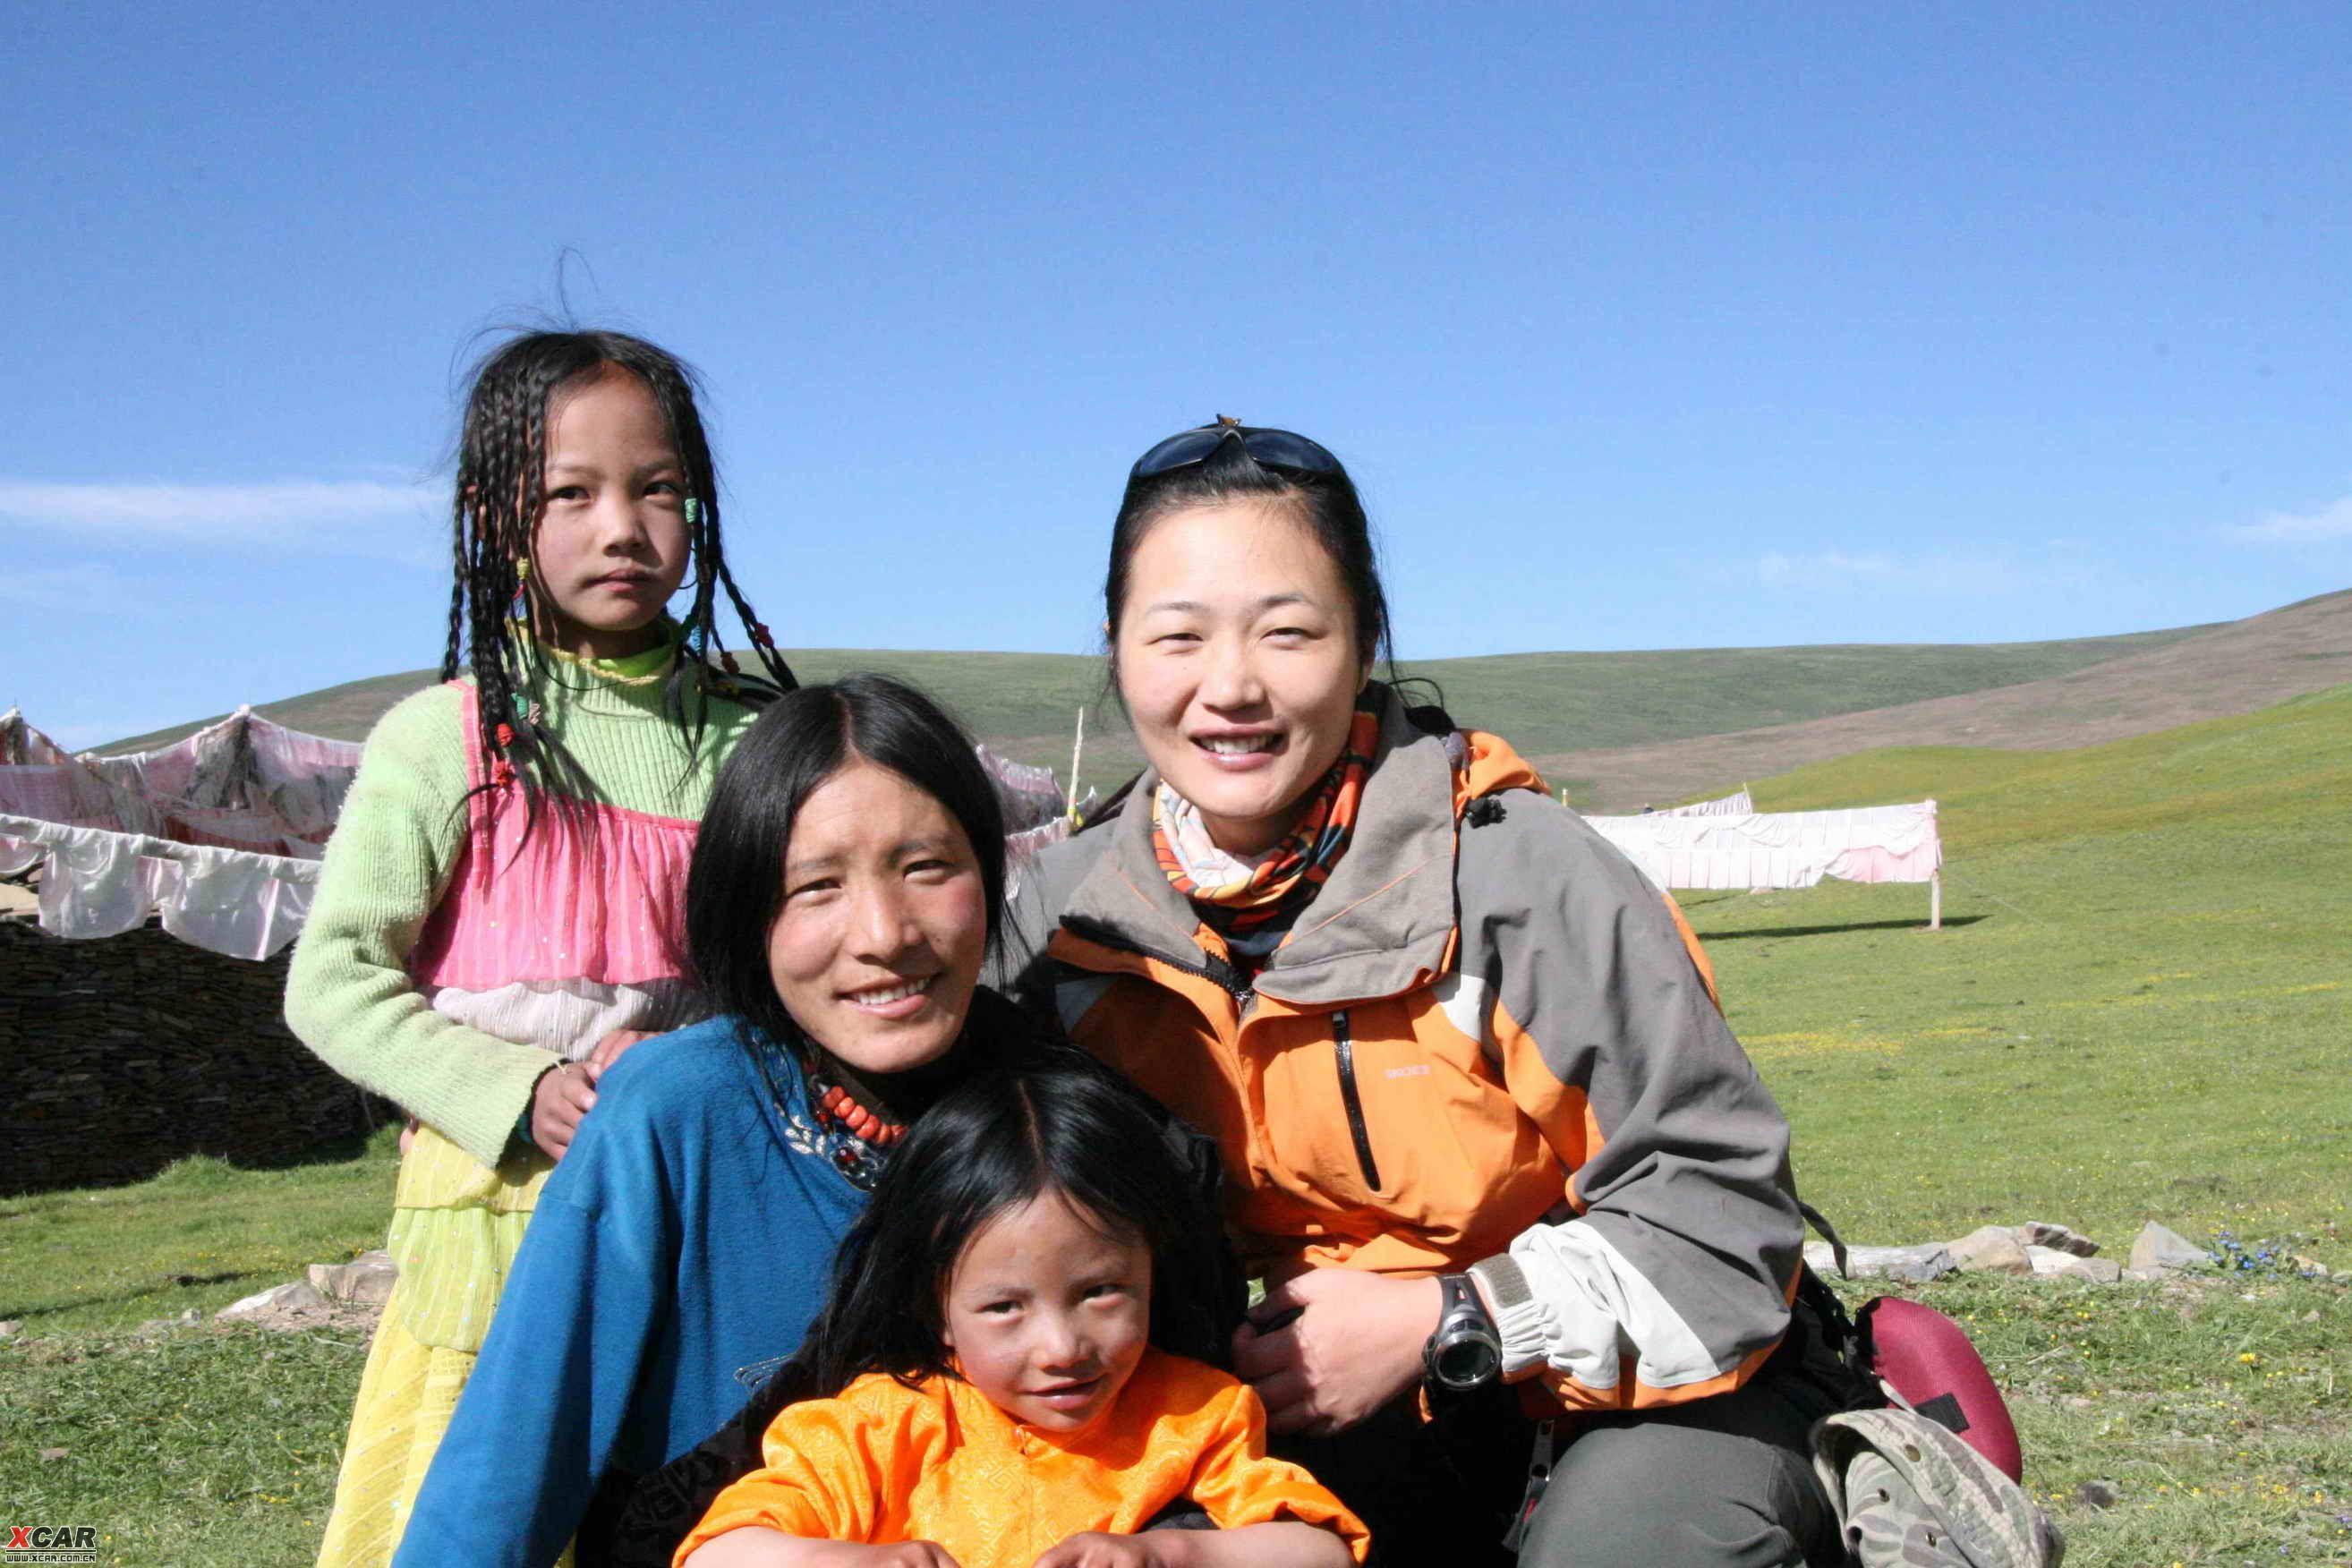 7月27日 {8:00起床,老李又要修他的切切,非常陪着,我们三人前往甘孜寺看看,这是一个很有收获的半天,晚上山下有雨,山上确是雪,站在半山的寺院里,看着对面的雪山,云雾缭绕,正赶上寺院的喇嘛耍坝子,只有几个看门的喇嘛,我们三人是第一批客人,卖门票的老喇嘛给我们当向导带我们参加整个寺院,最有幸的是他把存放唐卡的房间打开,五六十平米的大房间,墙壁四周挂满唐卡,大大小小,陈旧,而壮观,画面告诉我们他们的沧桑年轮,这是宗教的财富,也是人类的财富,我敬重他们!! 11:25甘孜出发,约5分钟后在岔路口向下雄乡方向